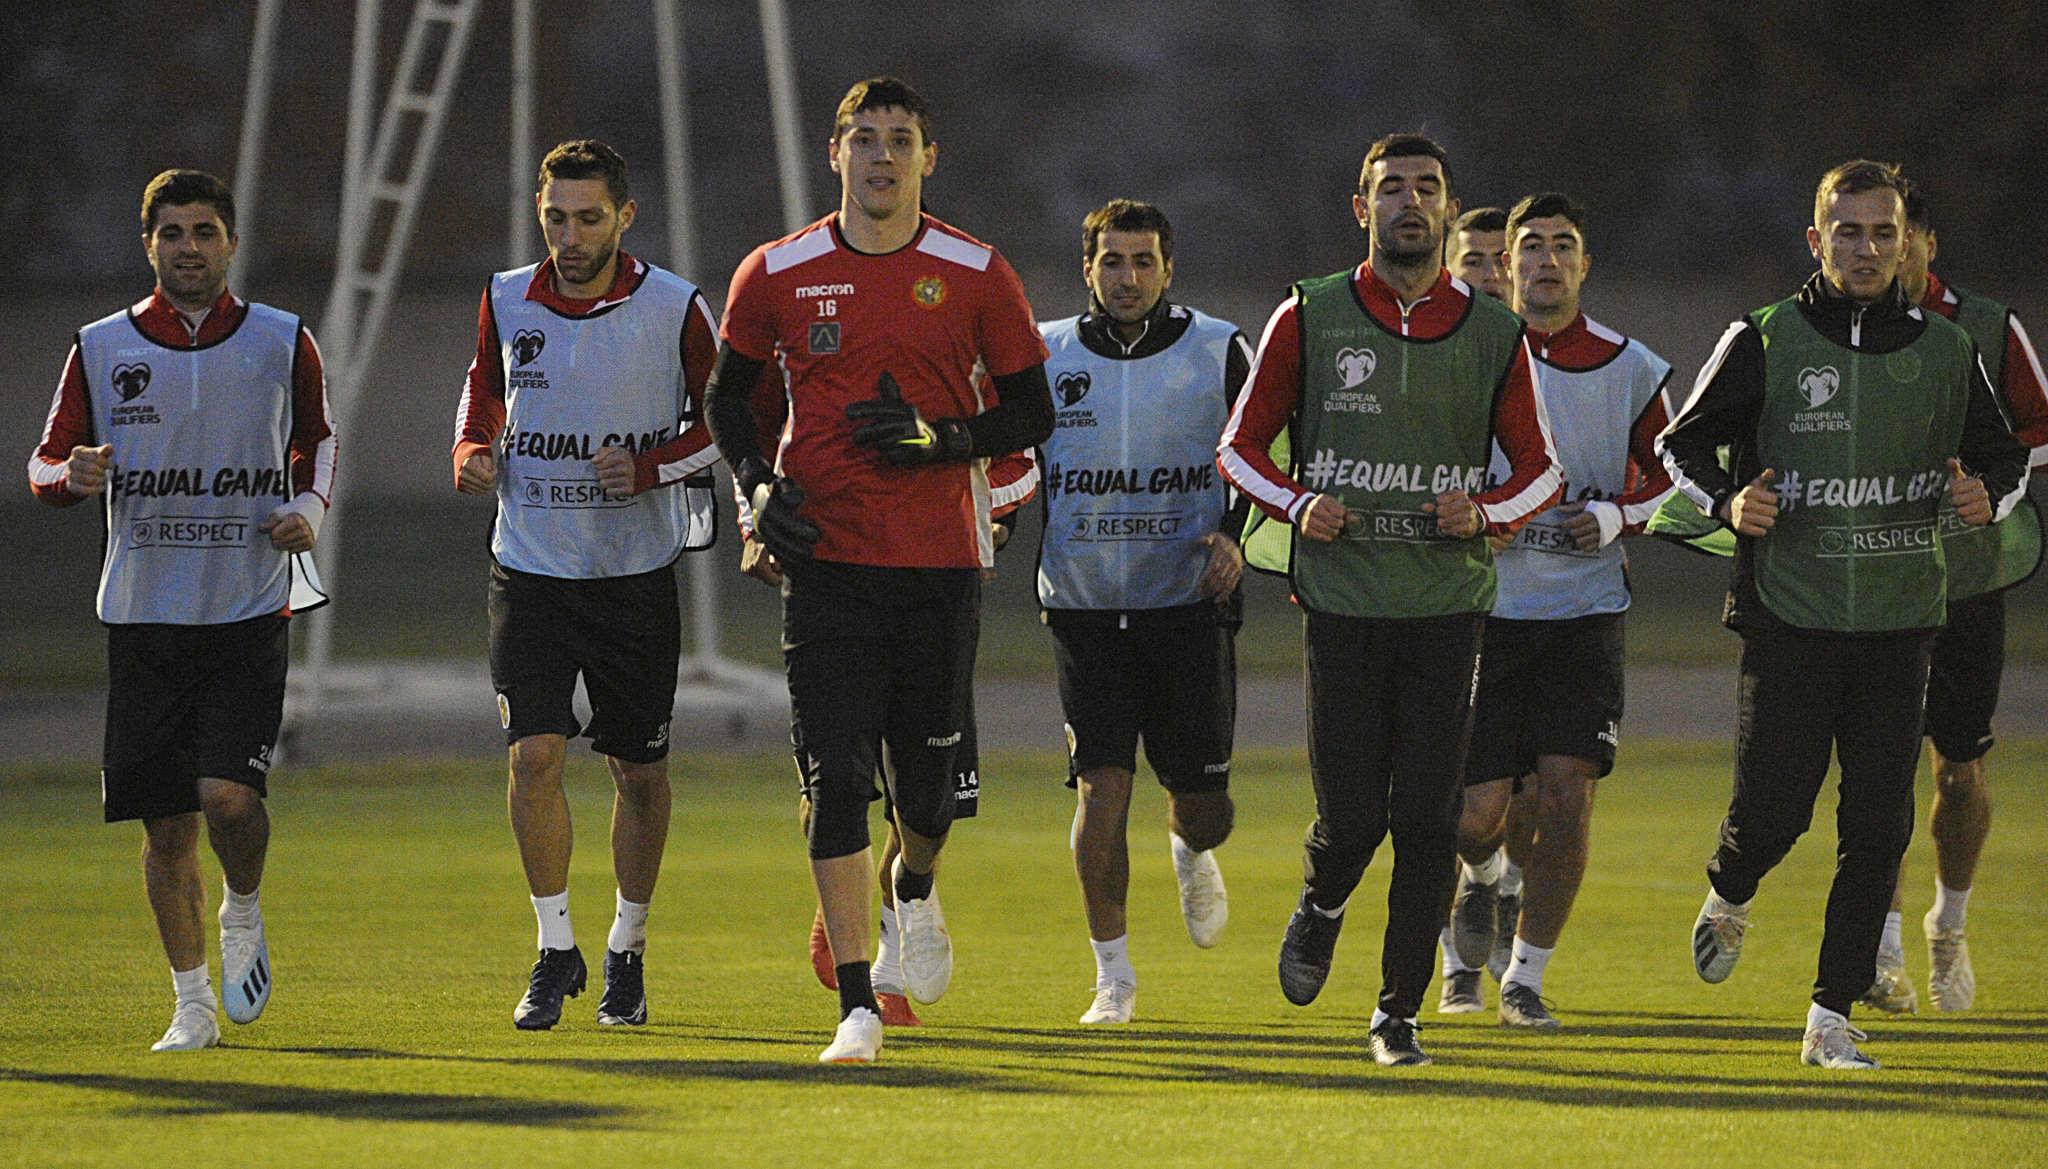 Կայուն և պարբերական. Ինչ մարզավիճակով են ֆուտբոլիստները միացել Հայաստանի հավաքականին